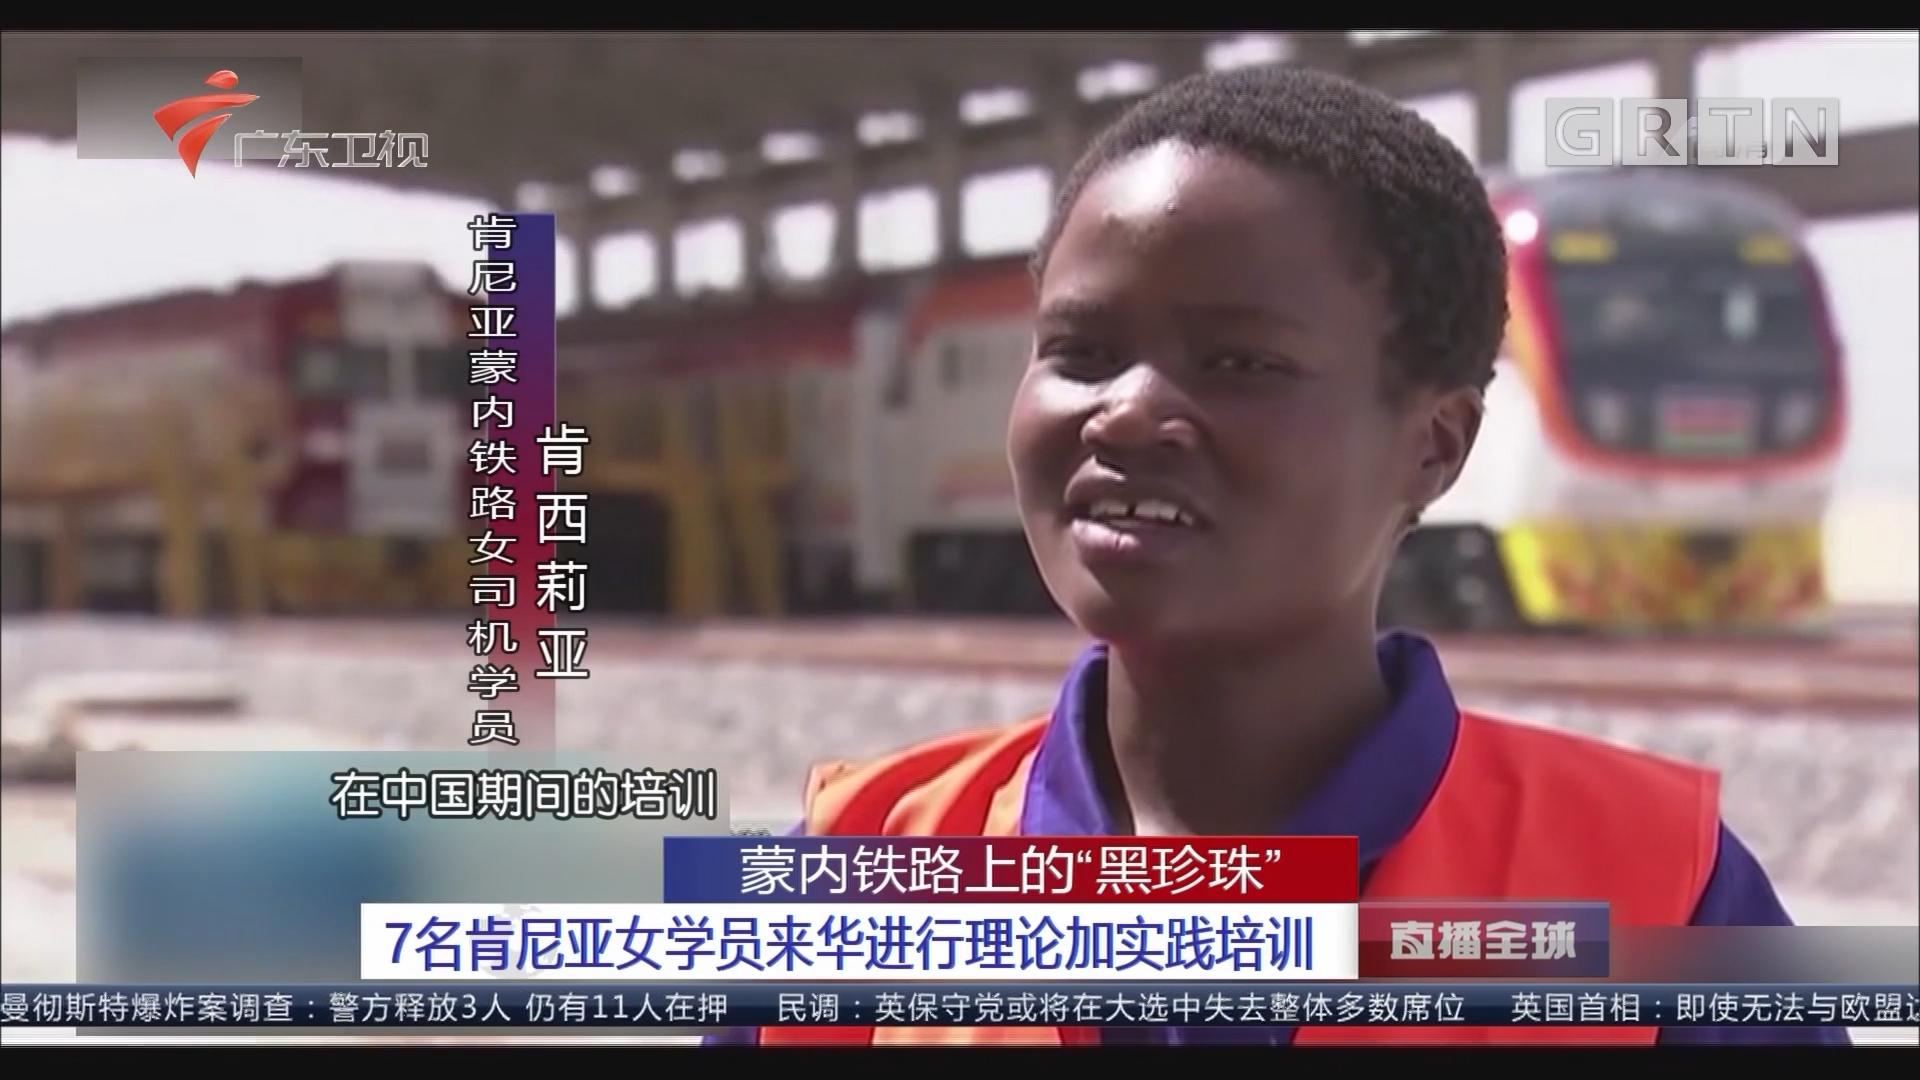 """蒙内铁路上的""""黑珍珠"""" 7名肯尼亚女学员来华进行理论加实践培训"""